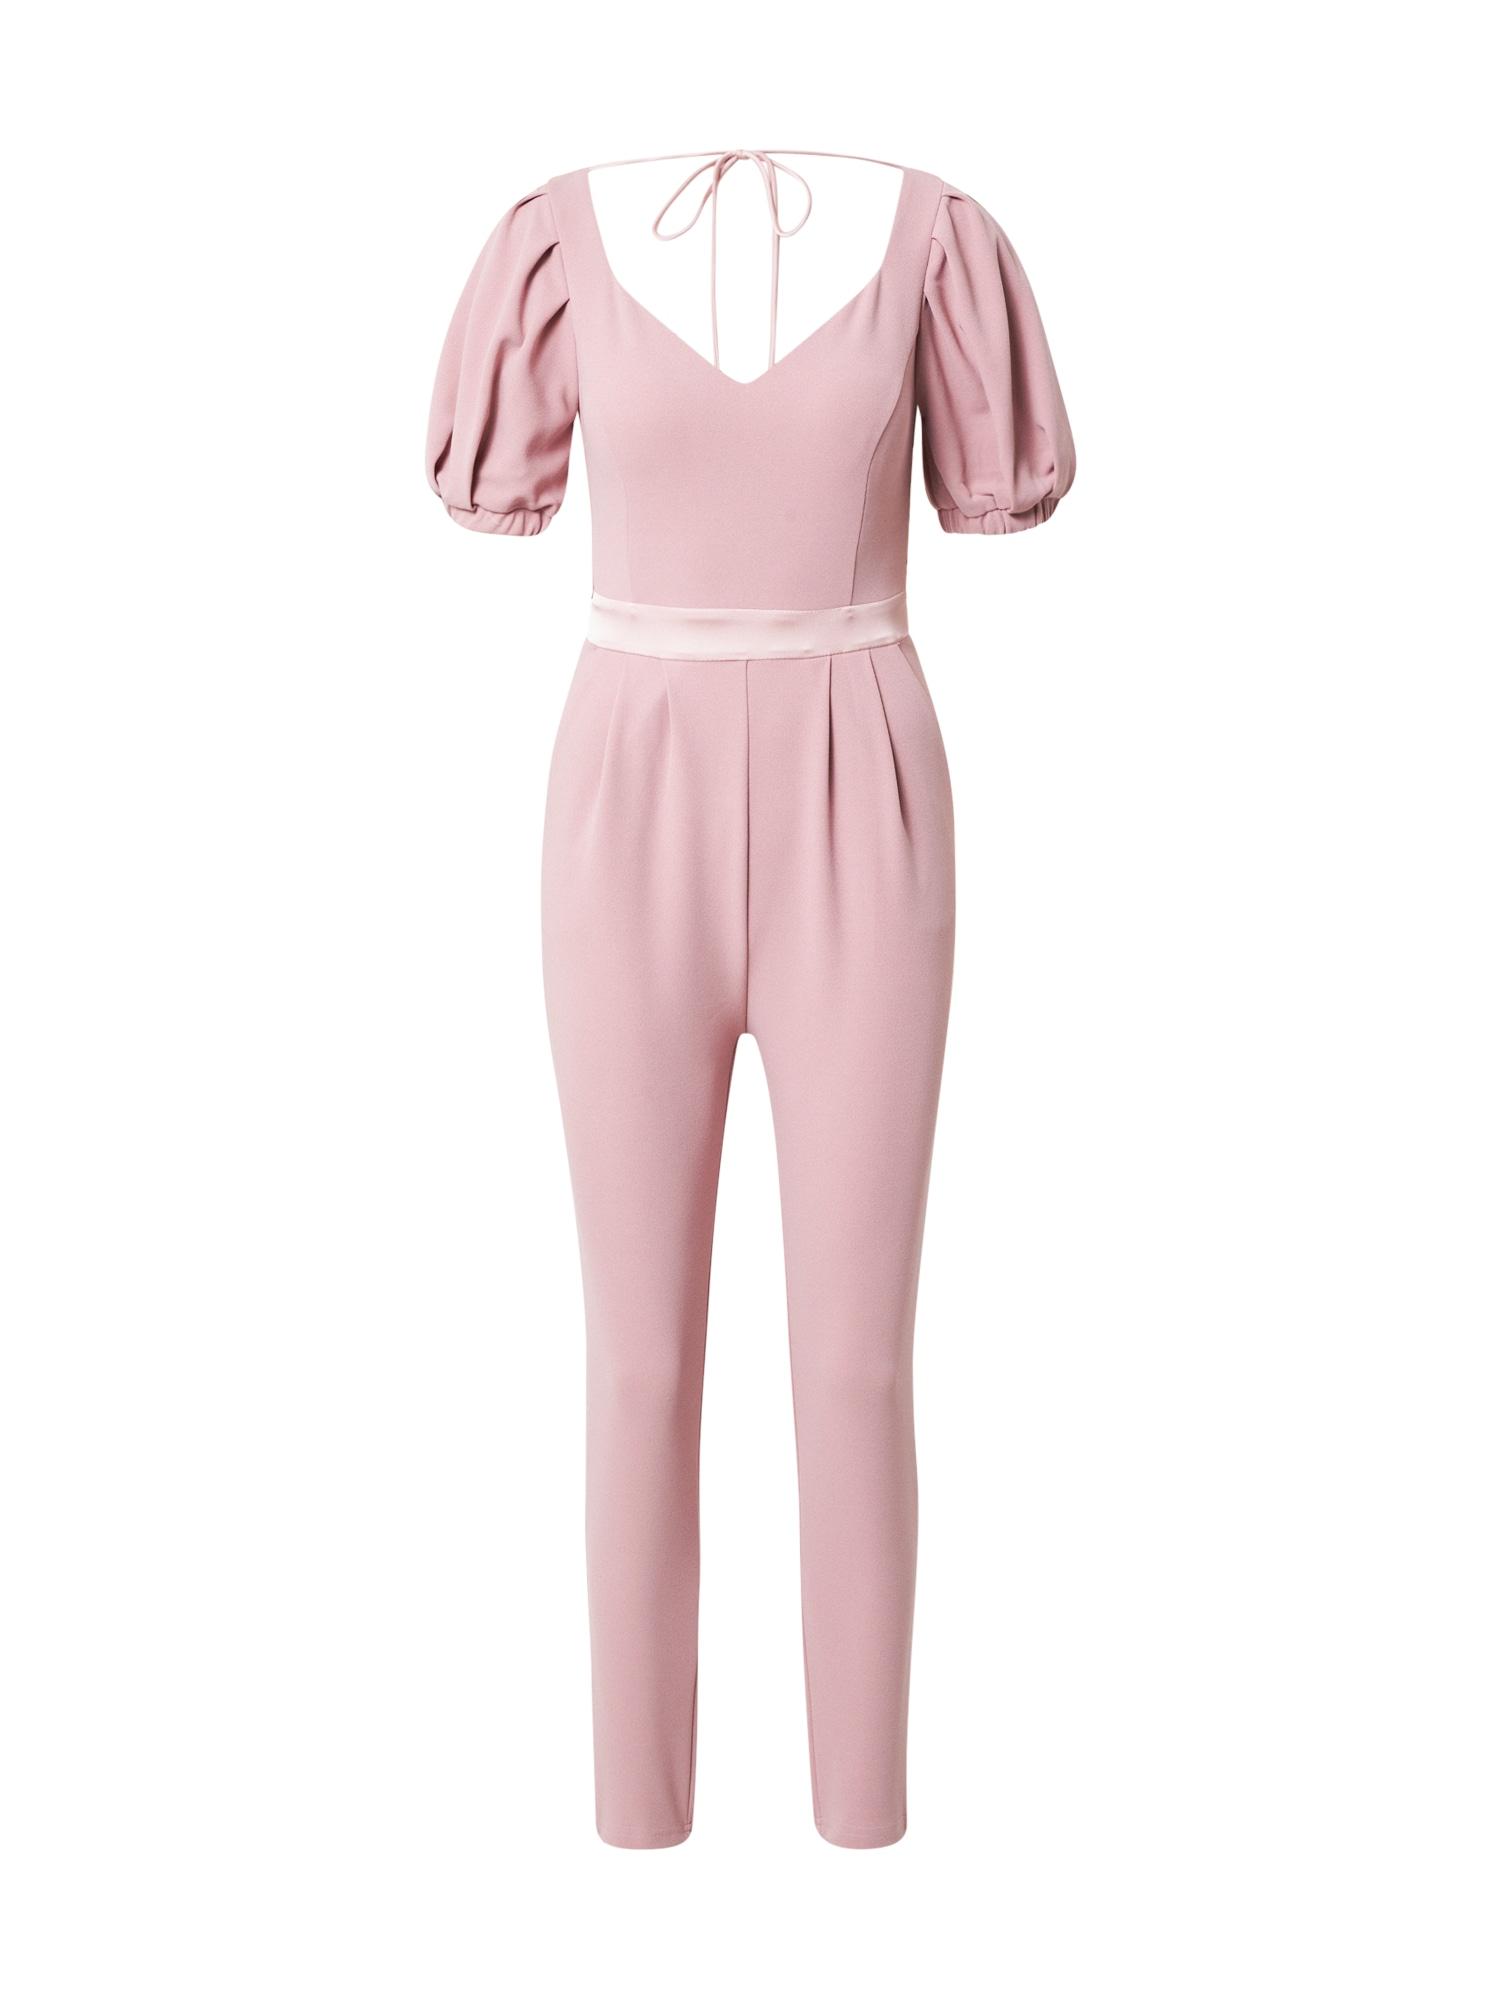 Skirt & Stiletto Vienos dalies kostiumas ryškiai rožinė spalva